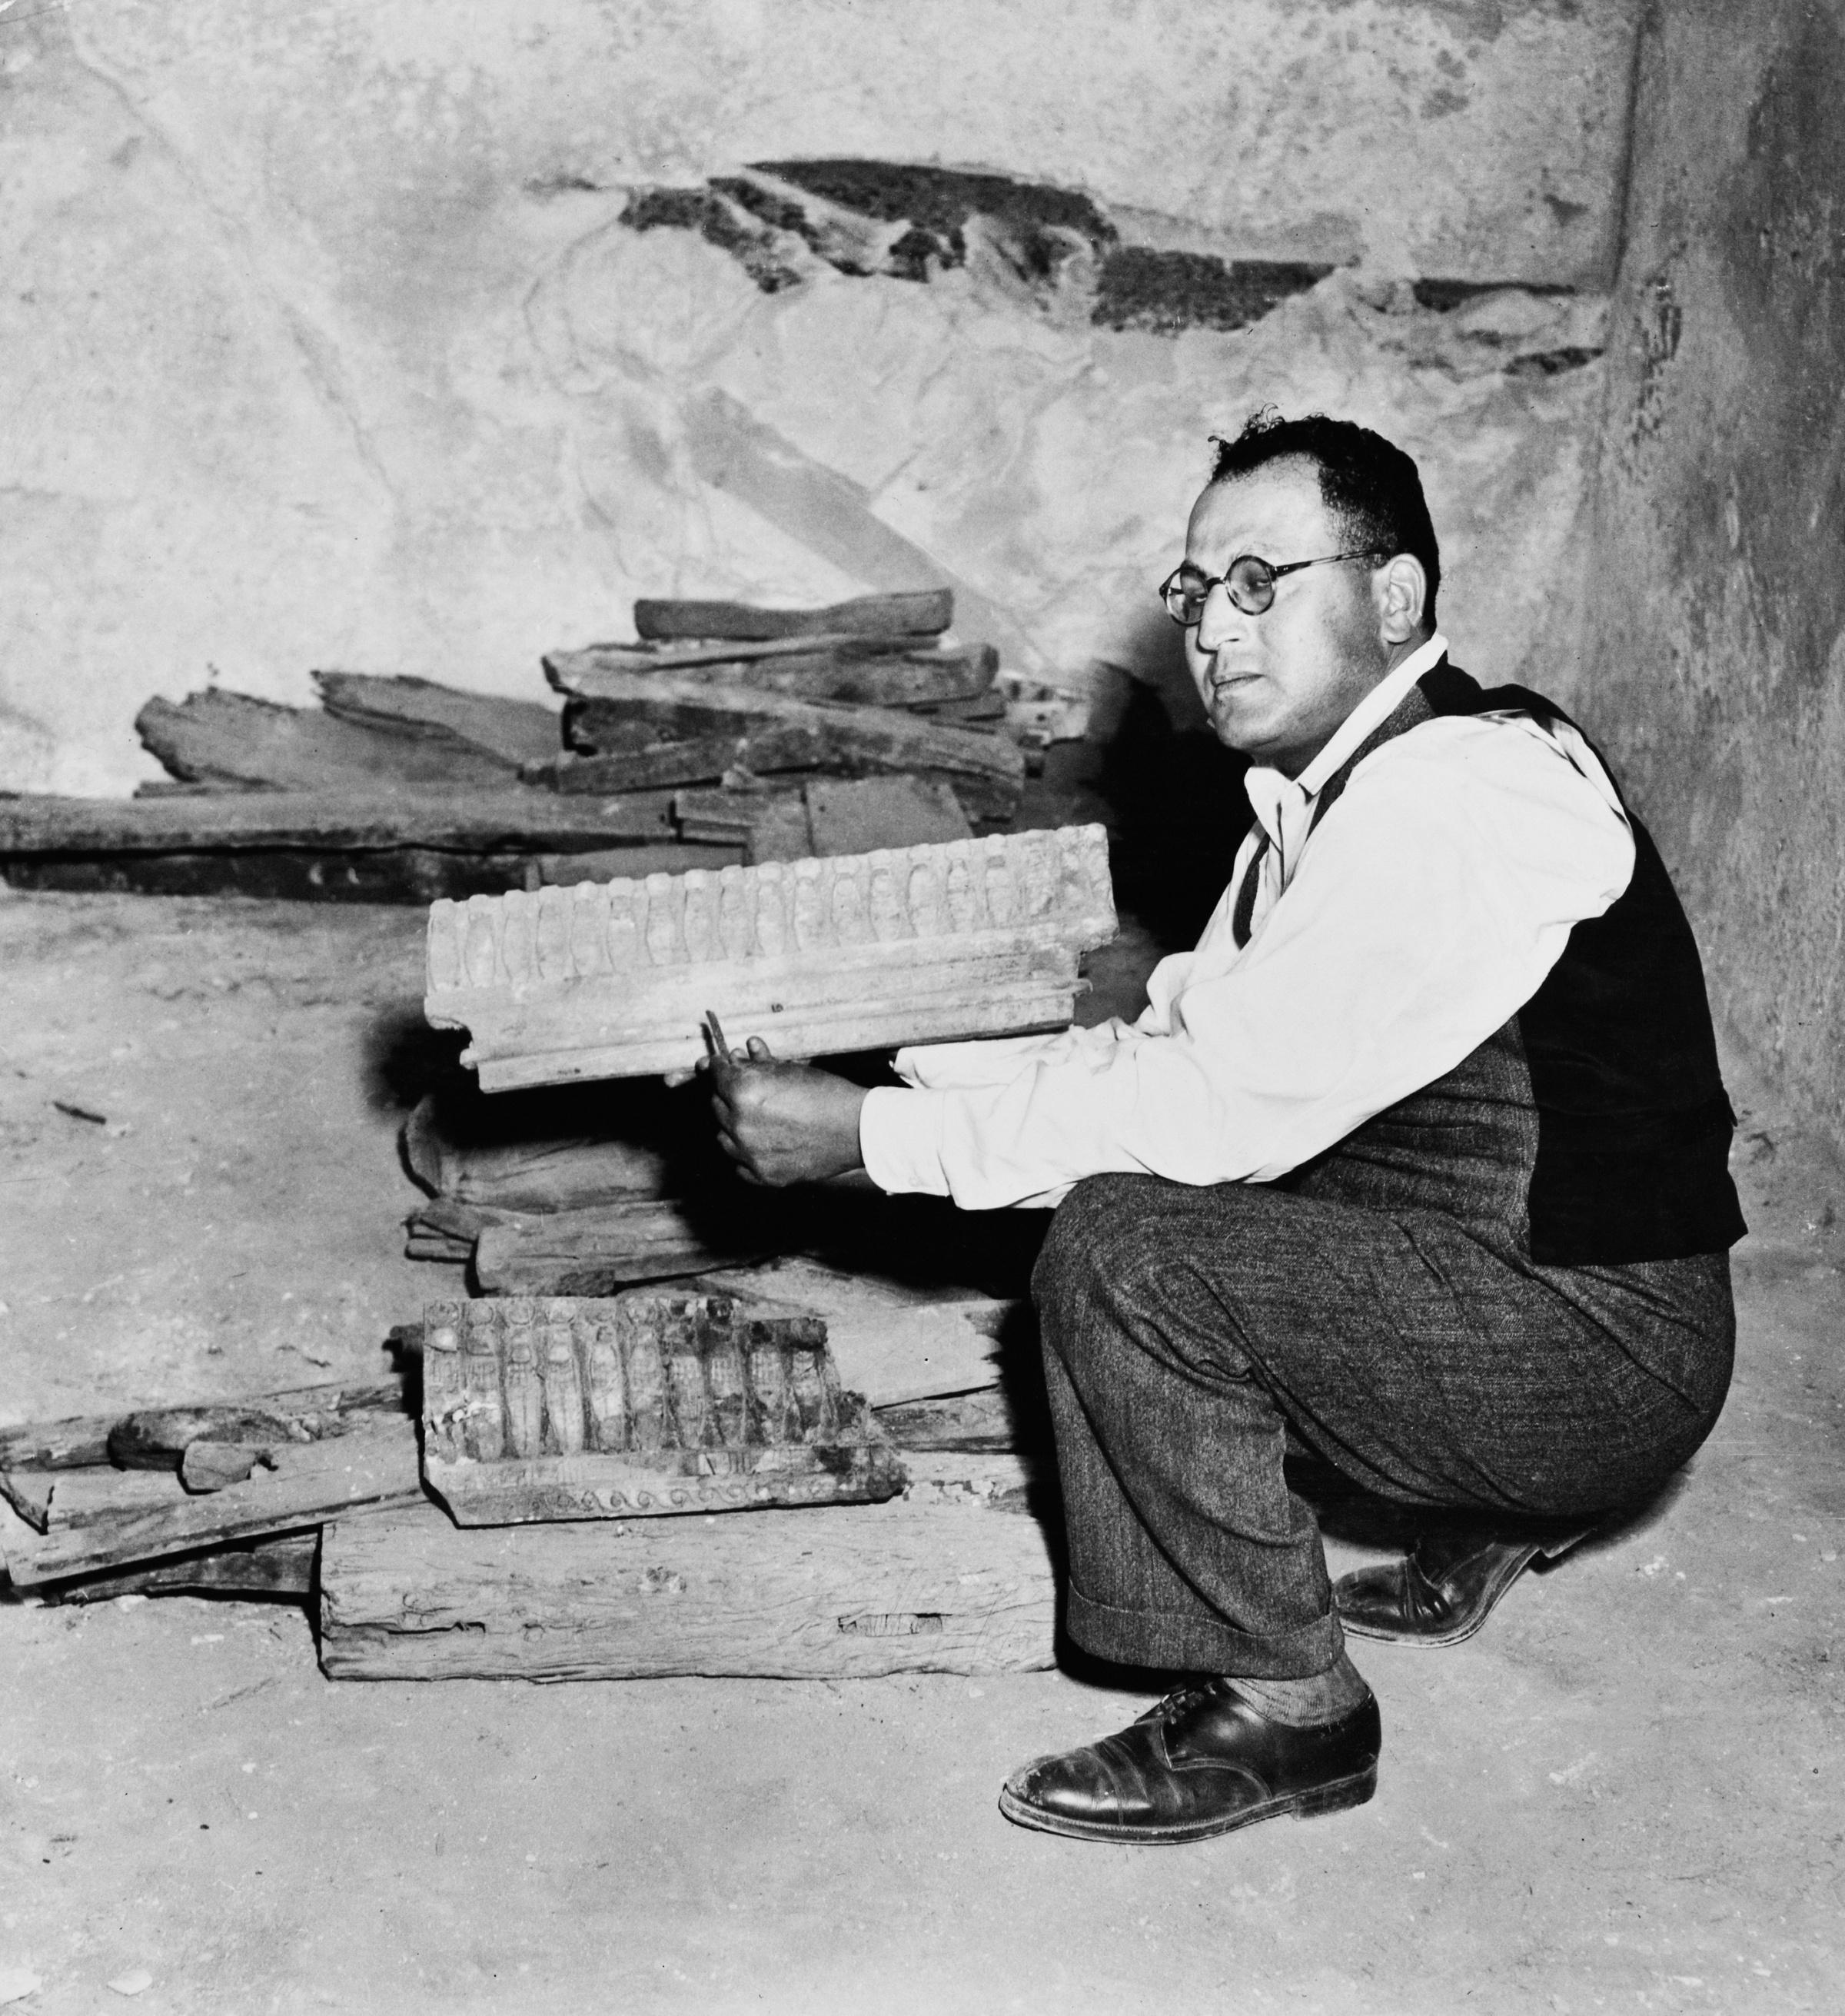 Закария Гонейм держит древний египетский резной деревянный фриз во время раскопок (возможно, у гробницы Ментуемхата в Фиванском некрополе). Фото © Getty Images / Pictorial Parade / Archive Photos